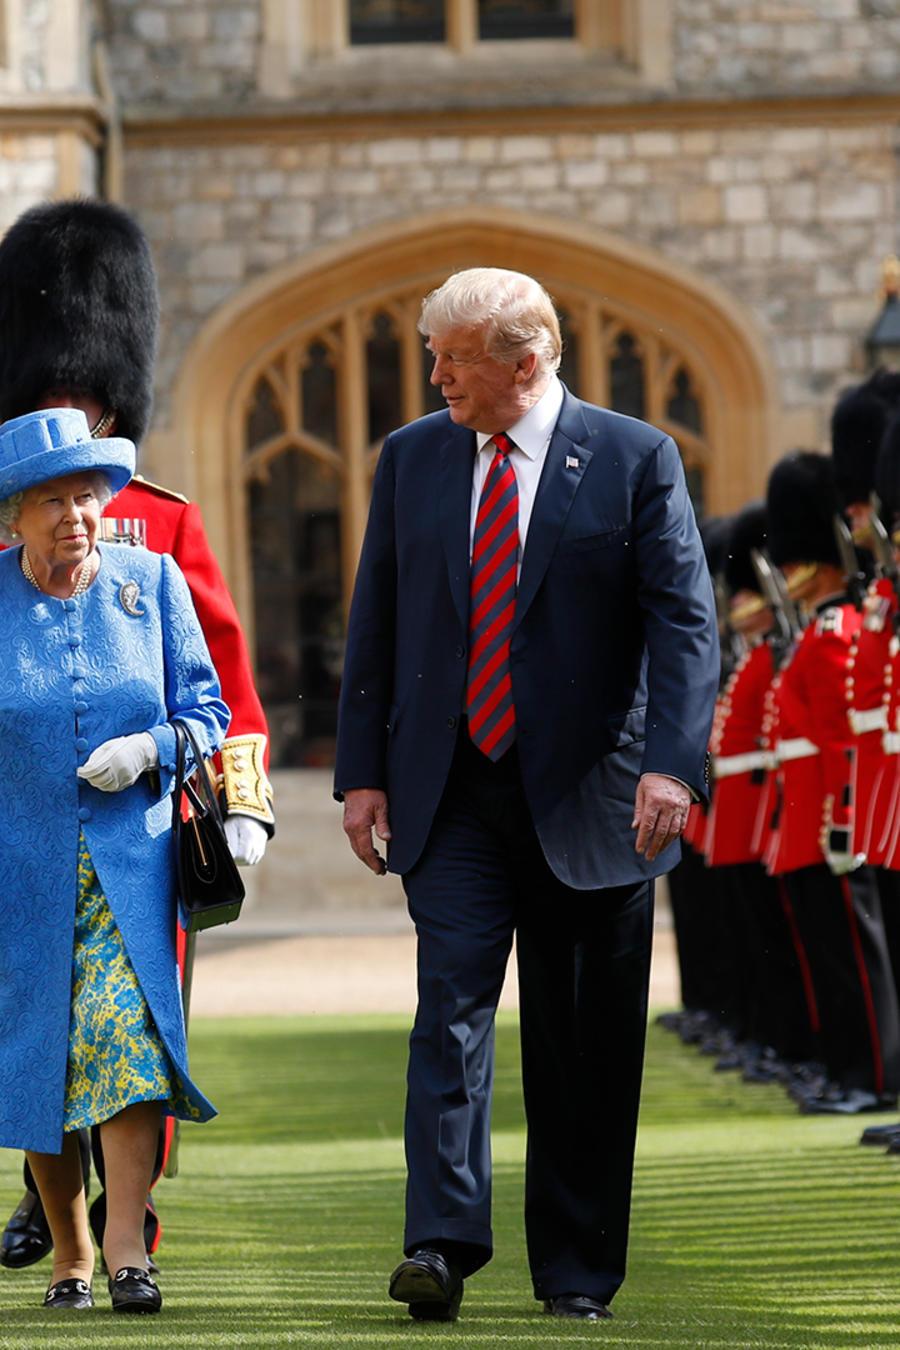 El presidente Trump junto a la reina Isabel II en el palacio de Windsor en el Reino Unido